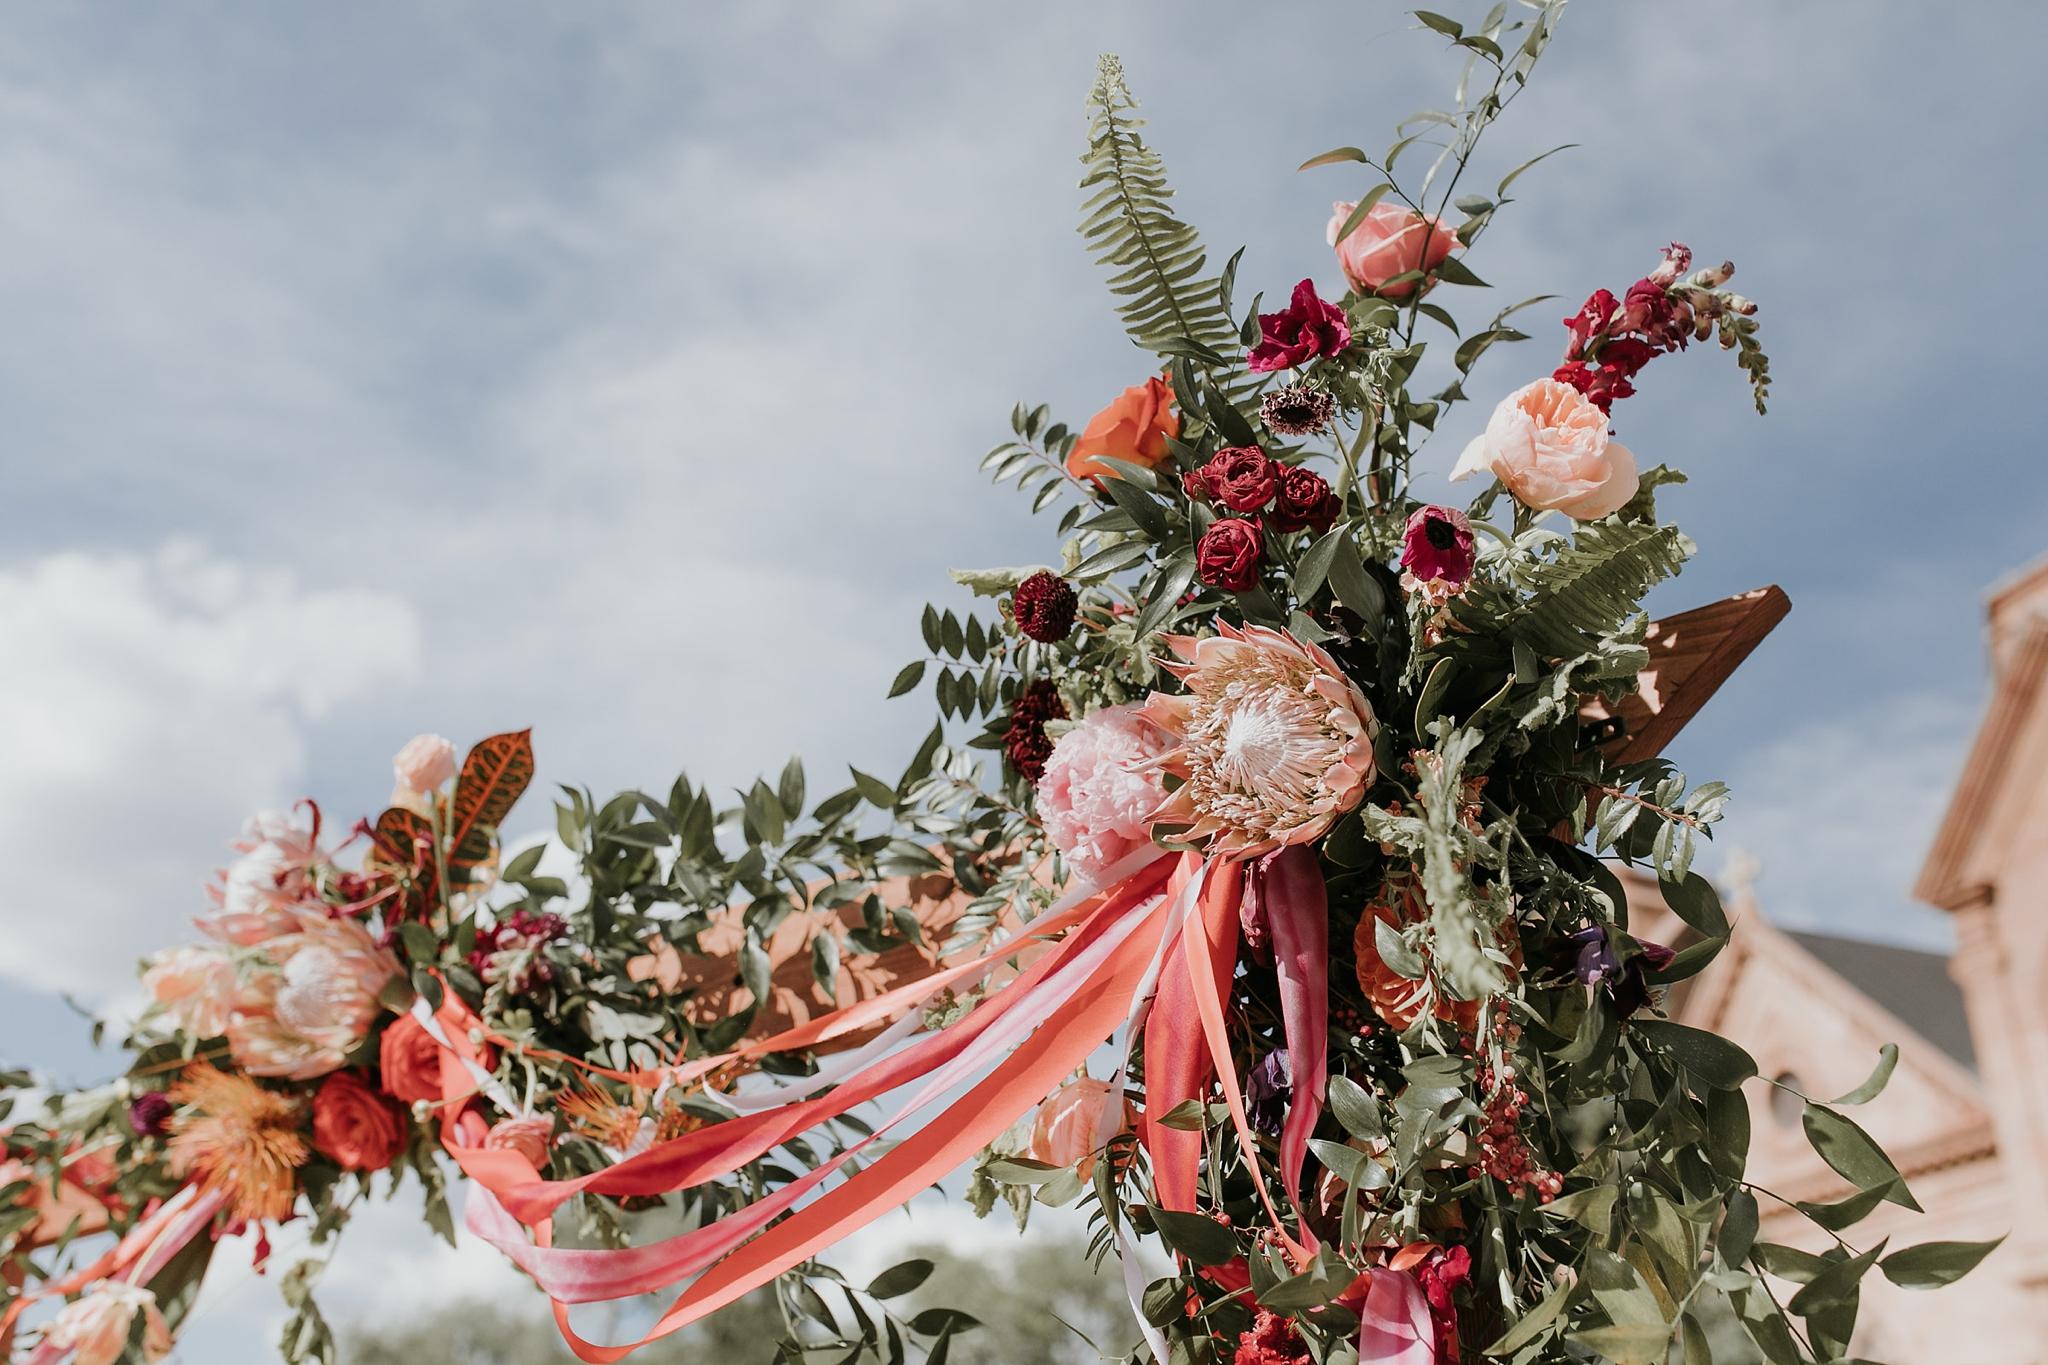 Alicia+lucia+photography+-+albuquerque+wedding+photographer+-+santa+fe+wedding+photography+-+new+mexico+wedding+photographer+-+new+mexico+florist+-+wedding+florist+-+renegade+floral_0035.jpg